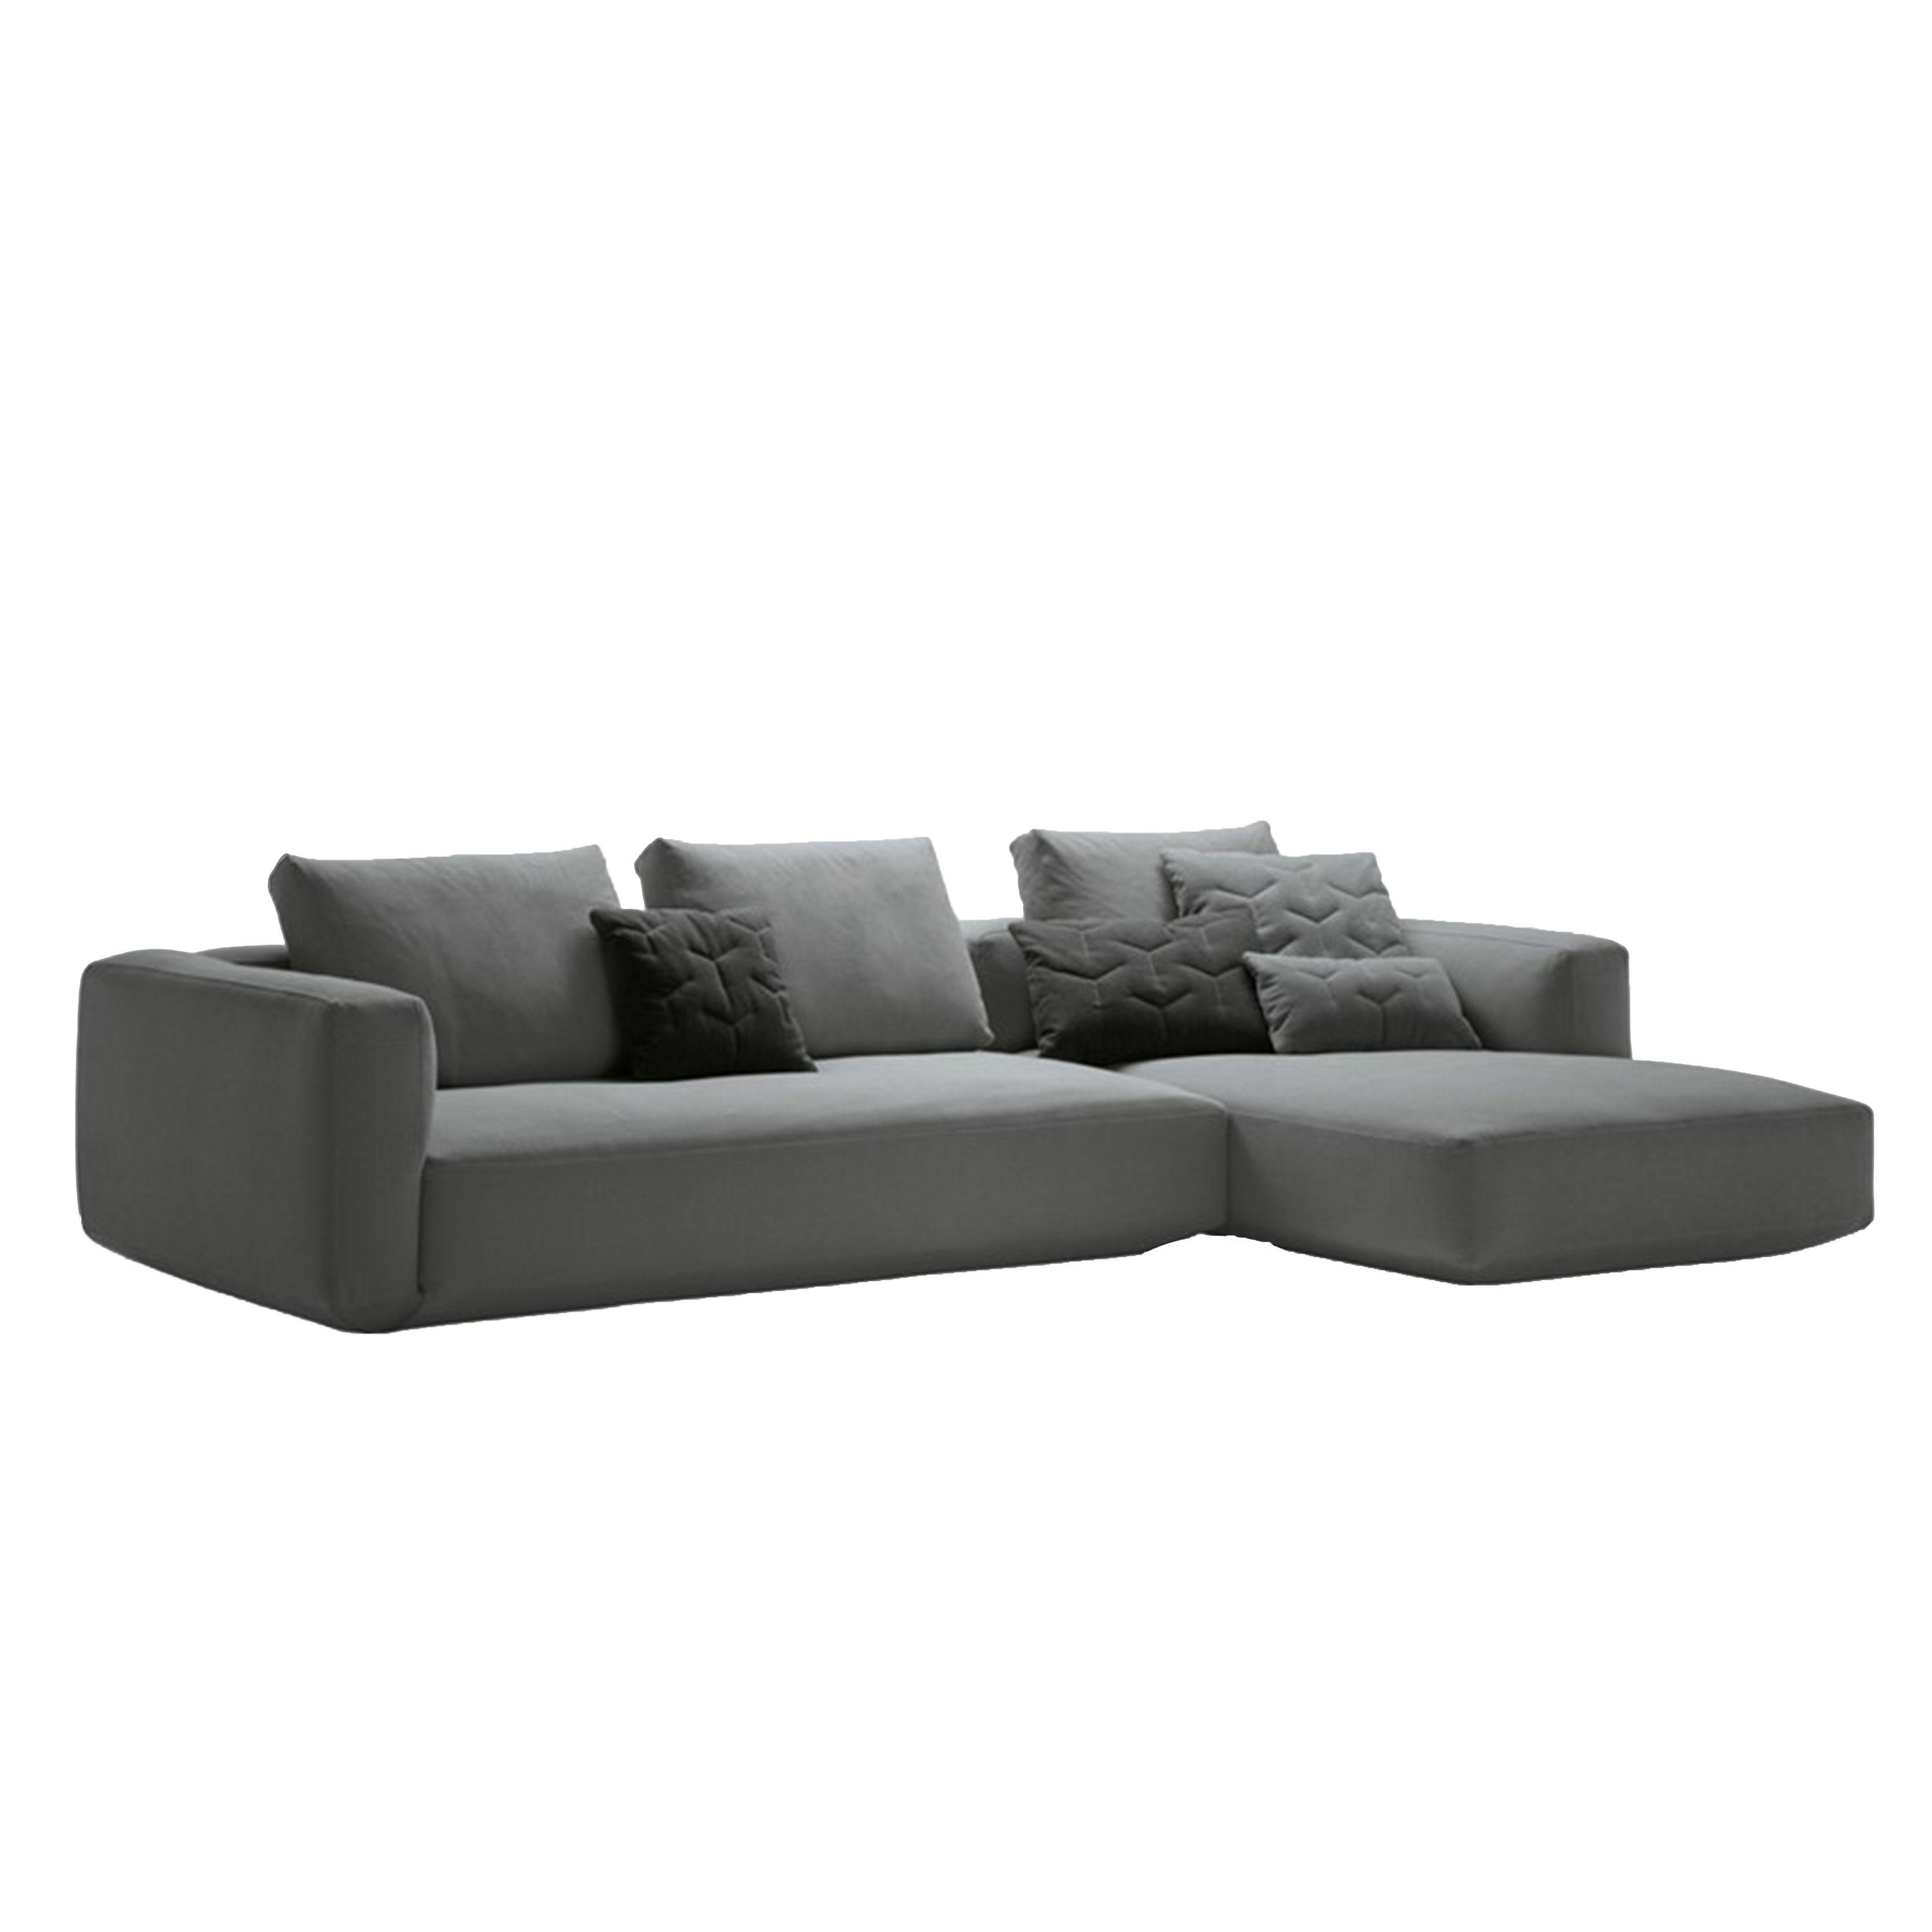 Luxury And Premium Italian Furniture Brands In India Premium And Luxury Italian Furniture Br Luxury Italian Furniture Fitted Furniture